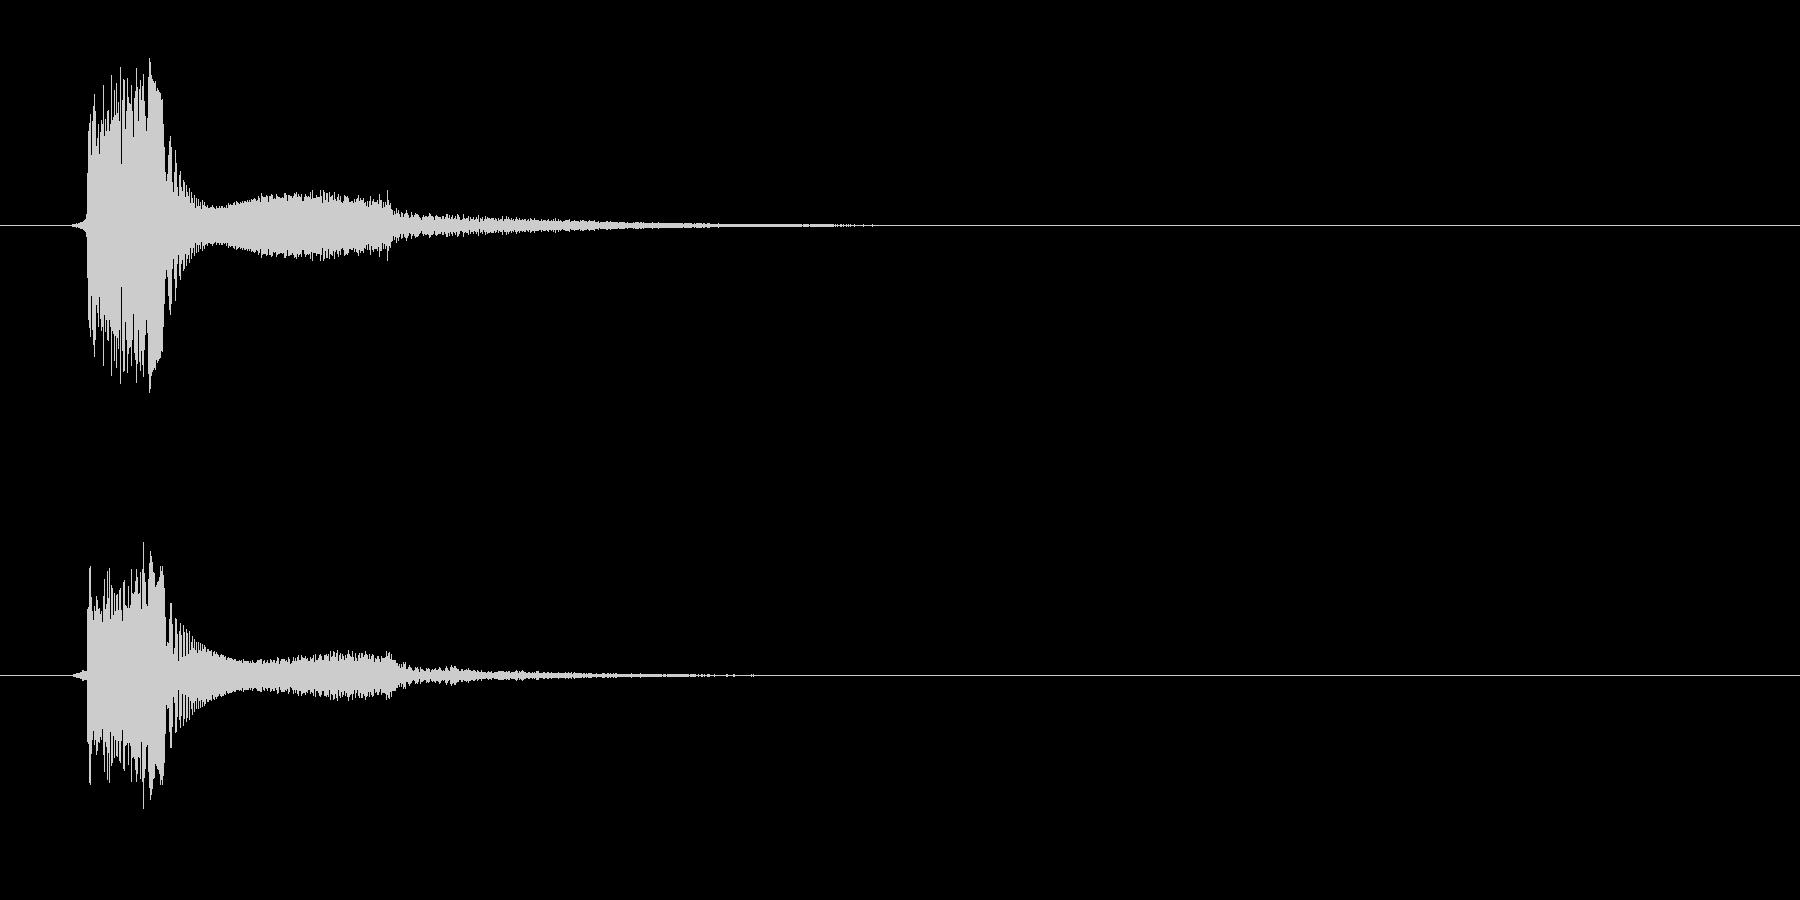 ピシッ(セレクト音)の未再生の波形